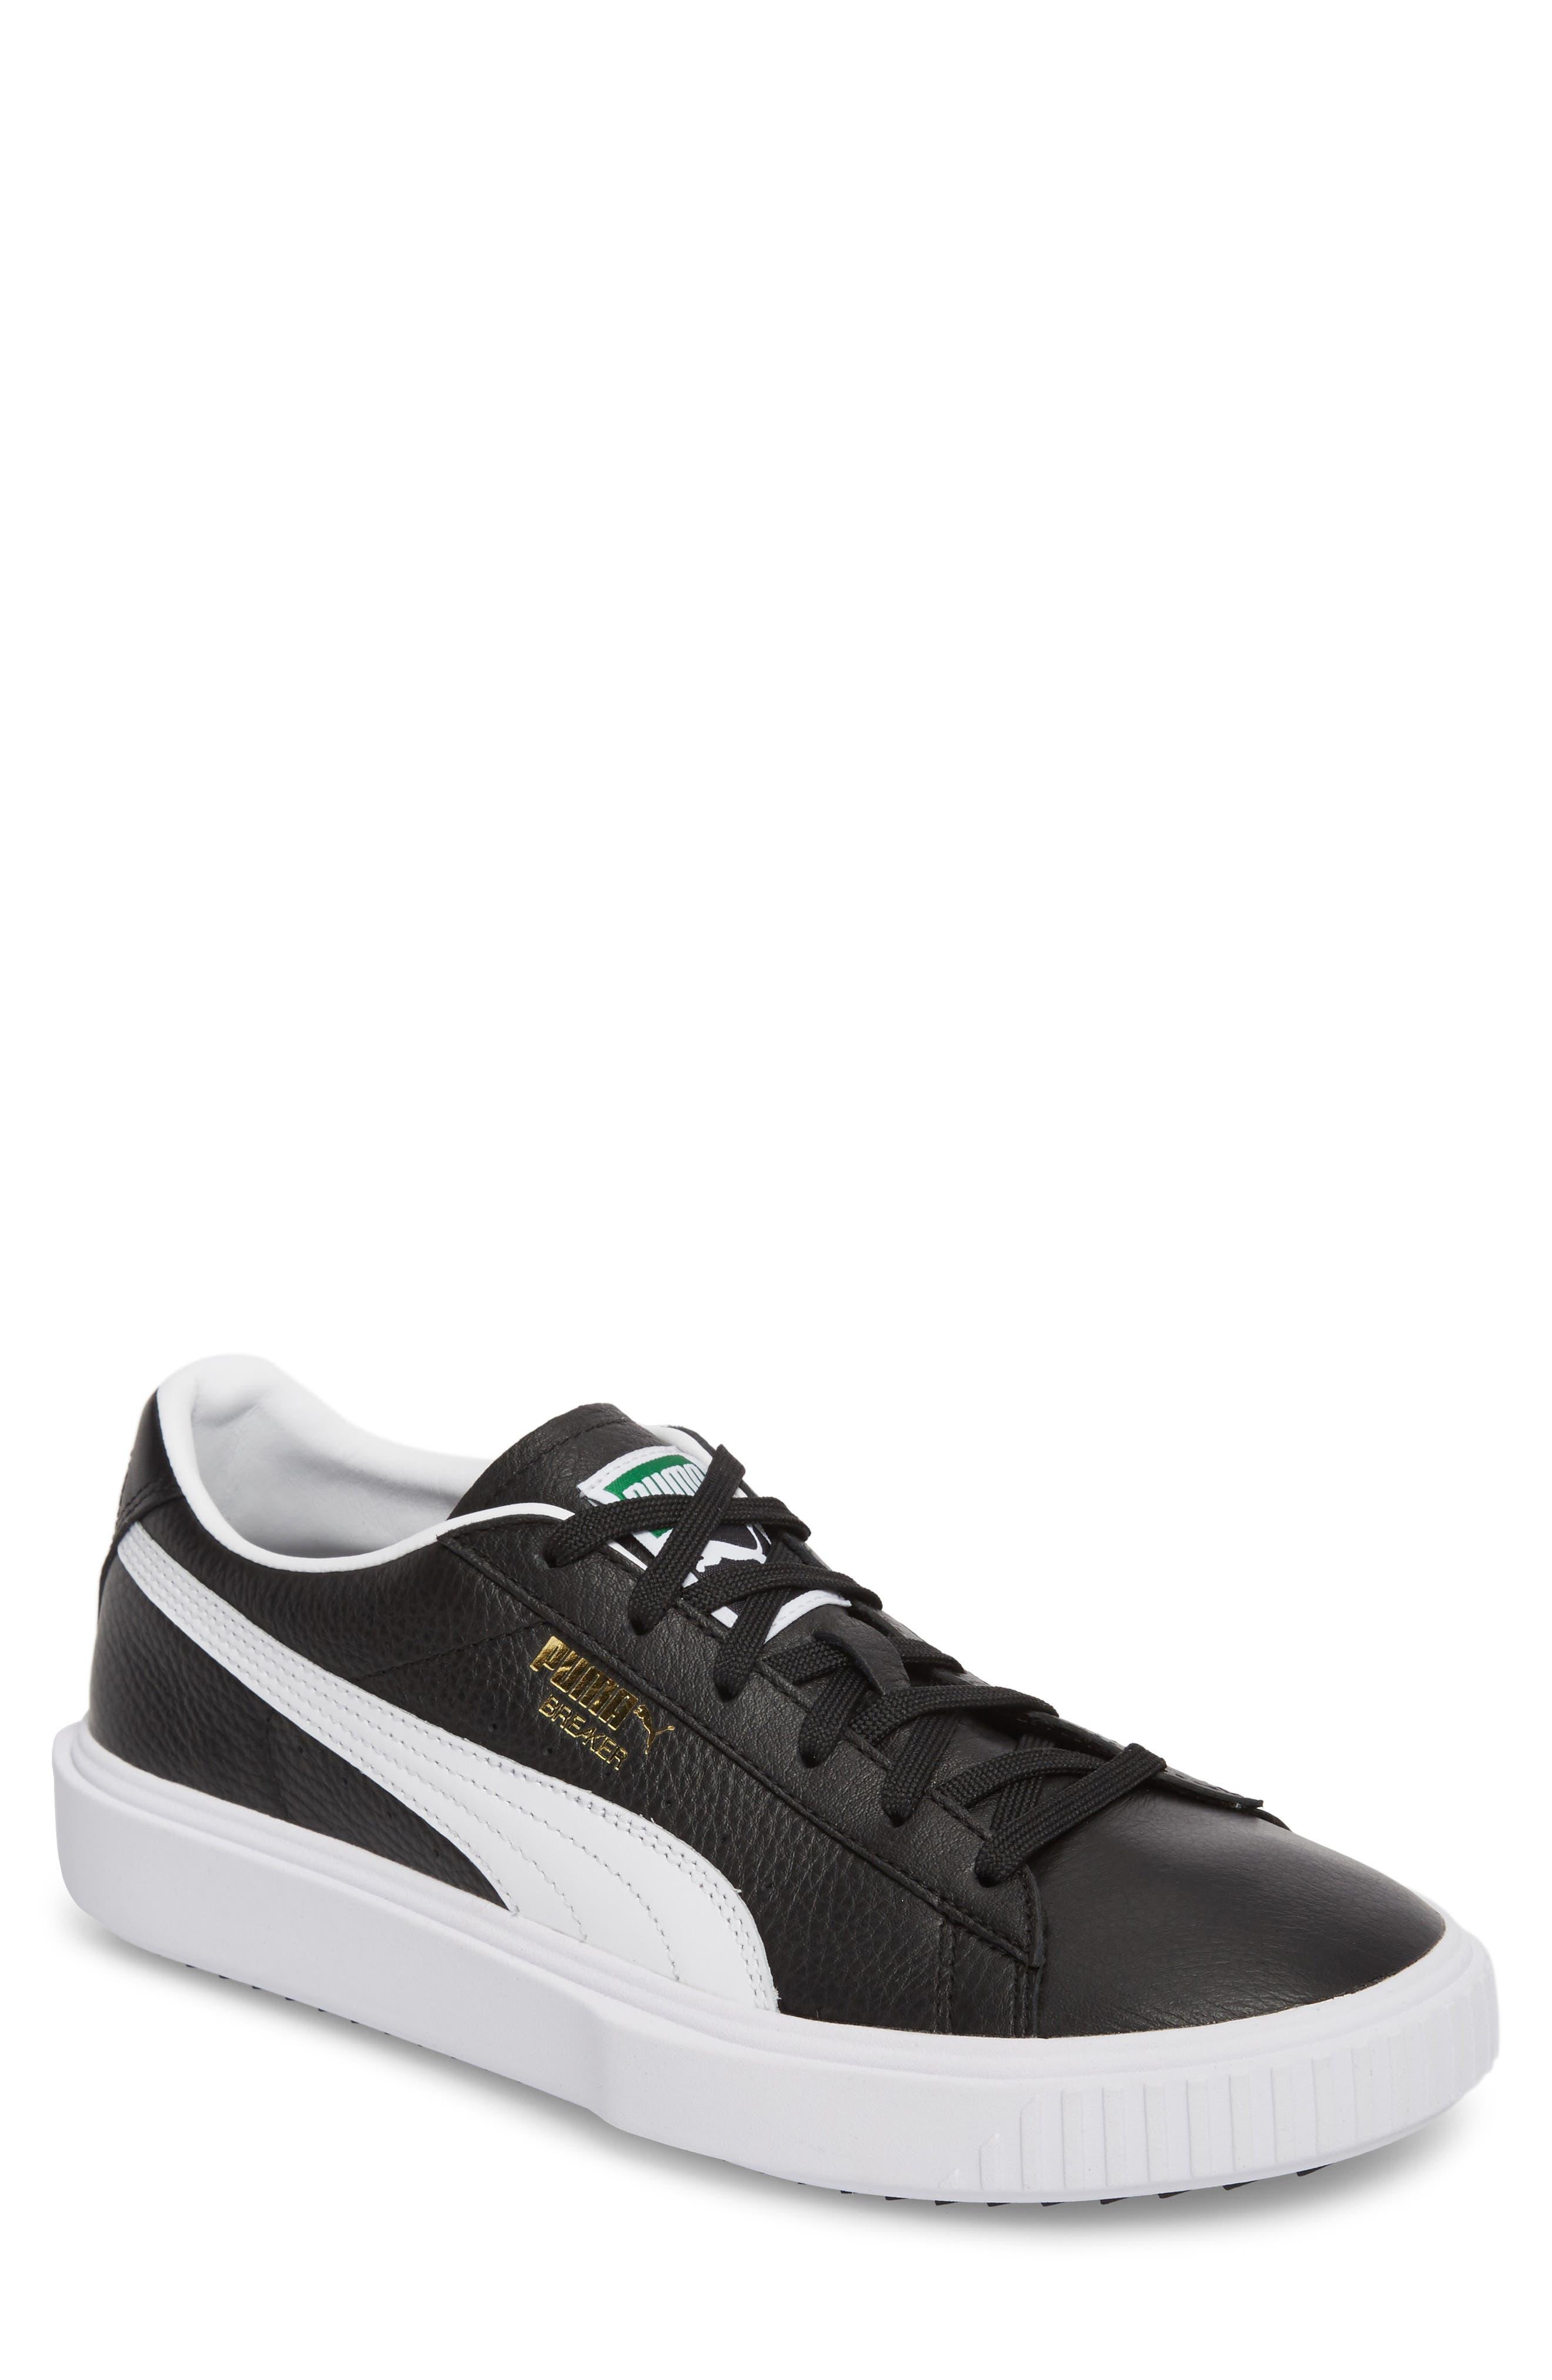 Alternate Image 1 Selected - PUMA Breaker Low Top Sneaker (Men)